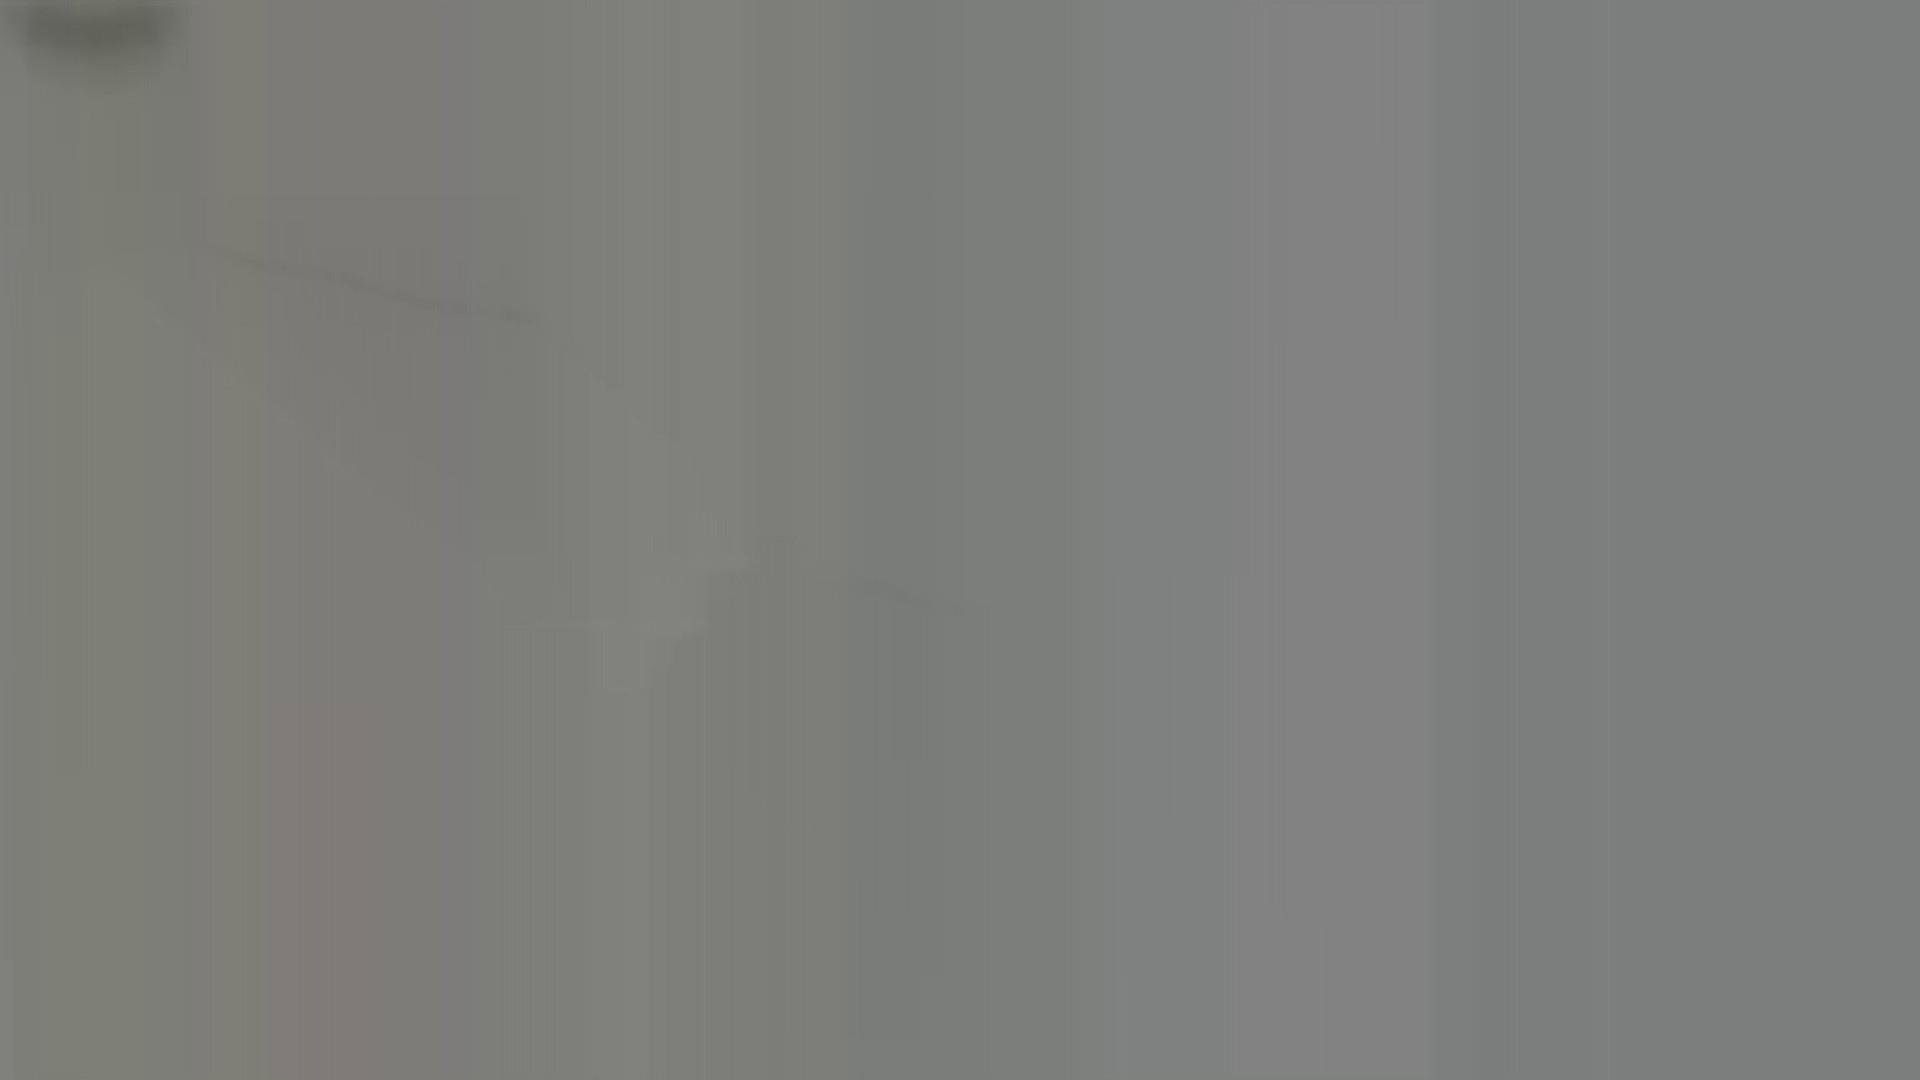 お銀 vol.67 新たな場所への挑戦が始まる!! 洗面所  103pic 8